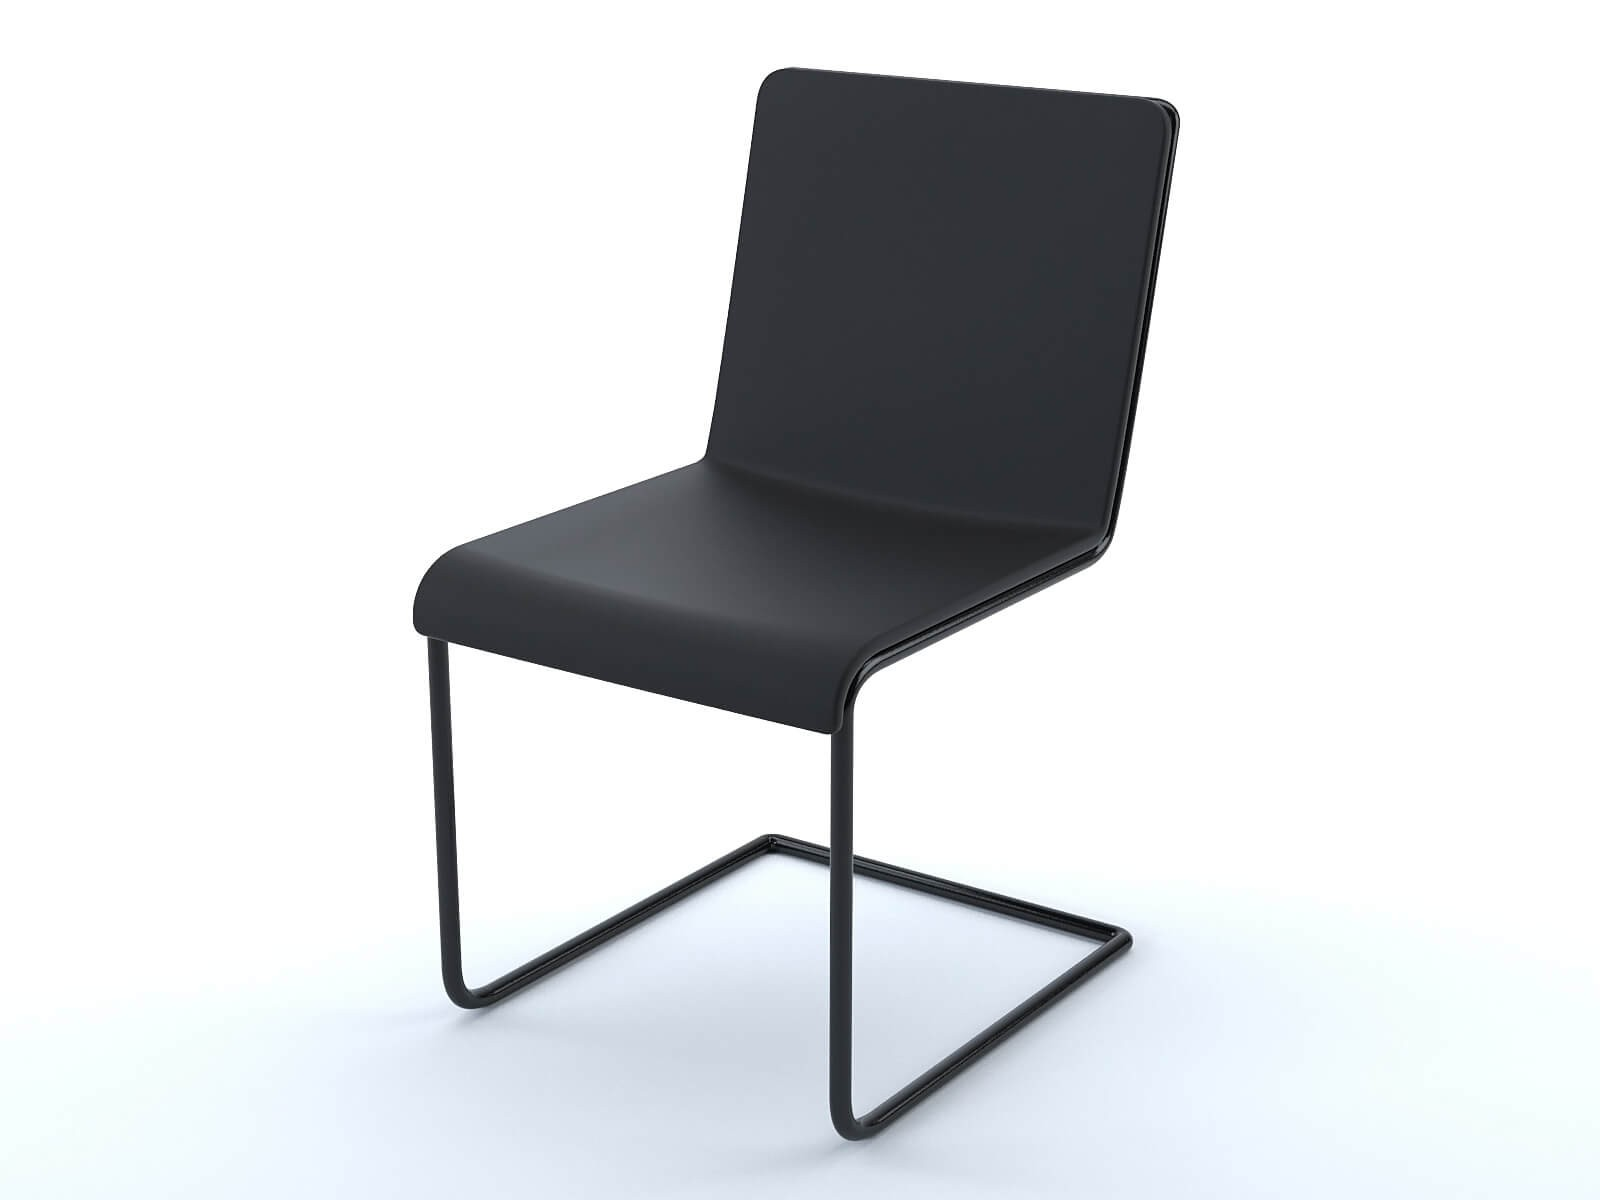 Gallerie chaise bureau rouge u clubmaison